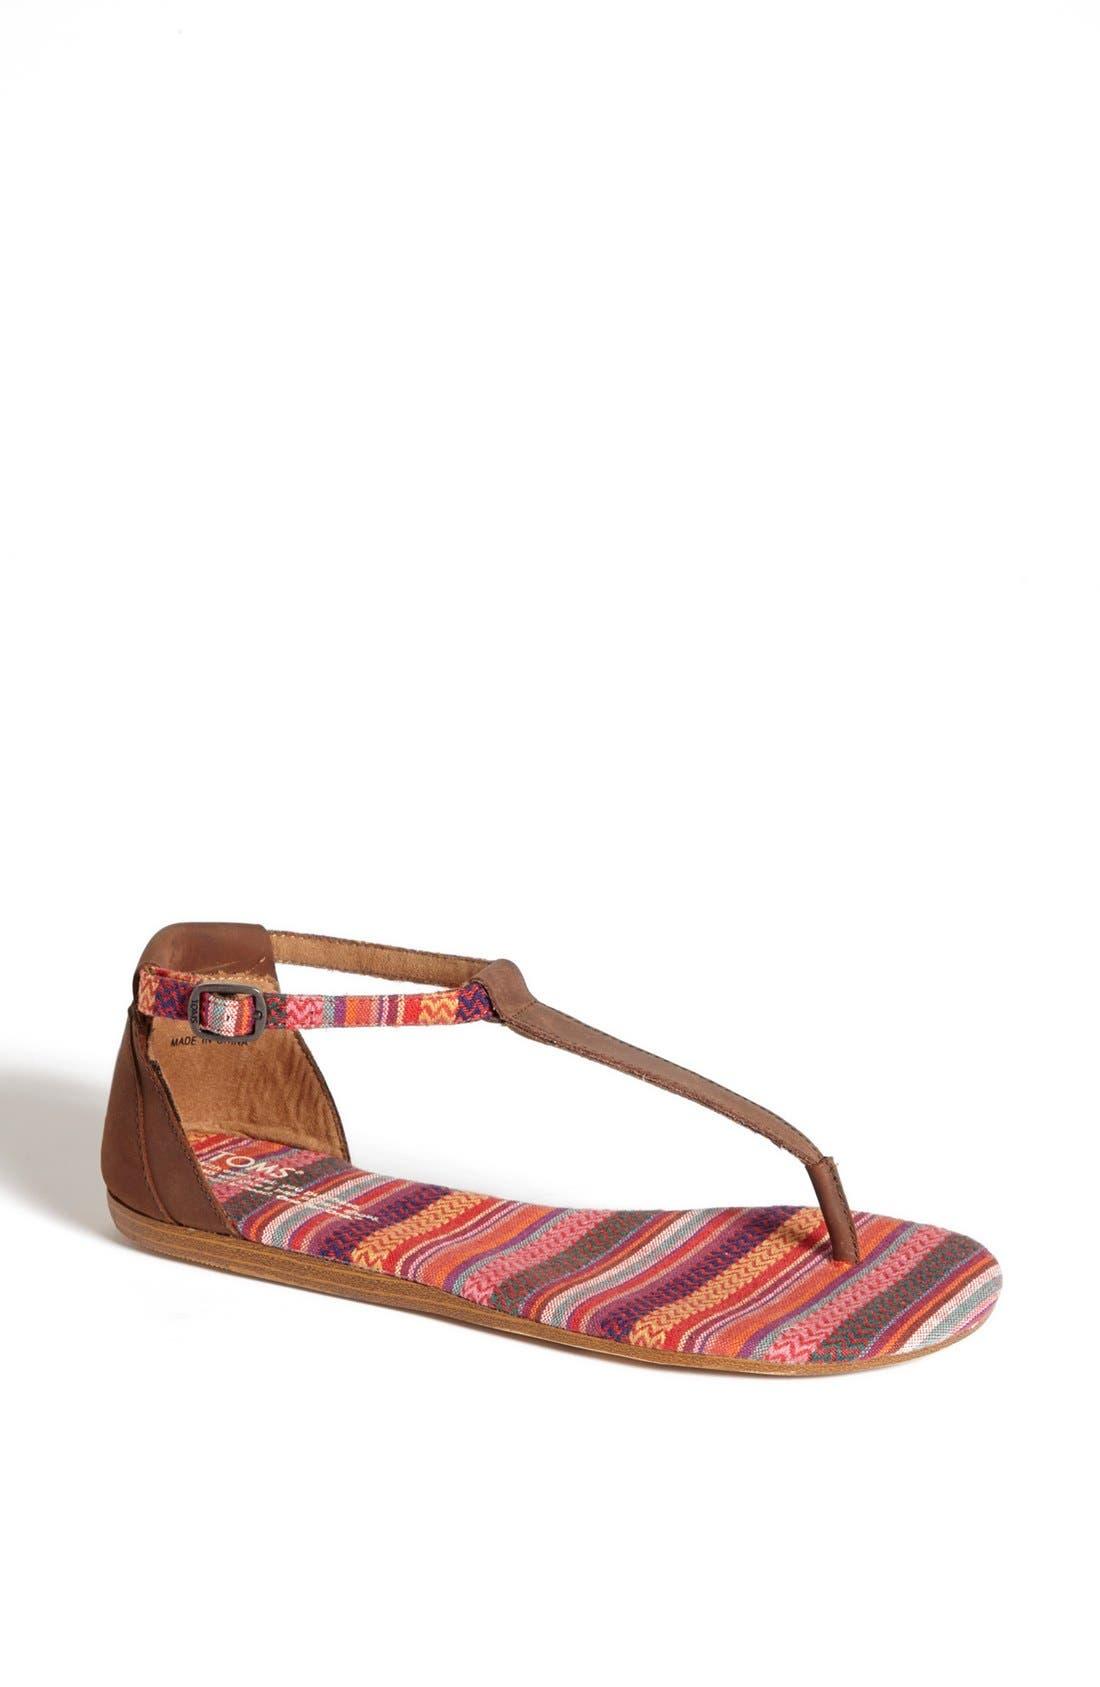 Main Image - TOMS 'Playa' T-Strap Flat Sandal